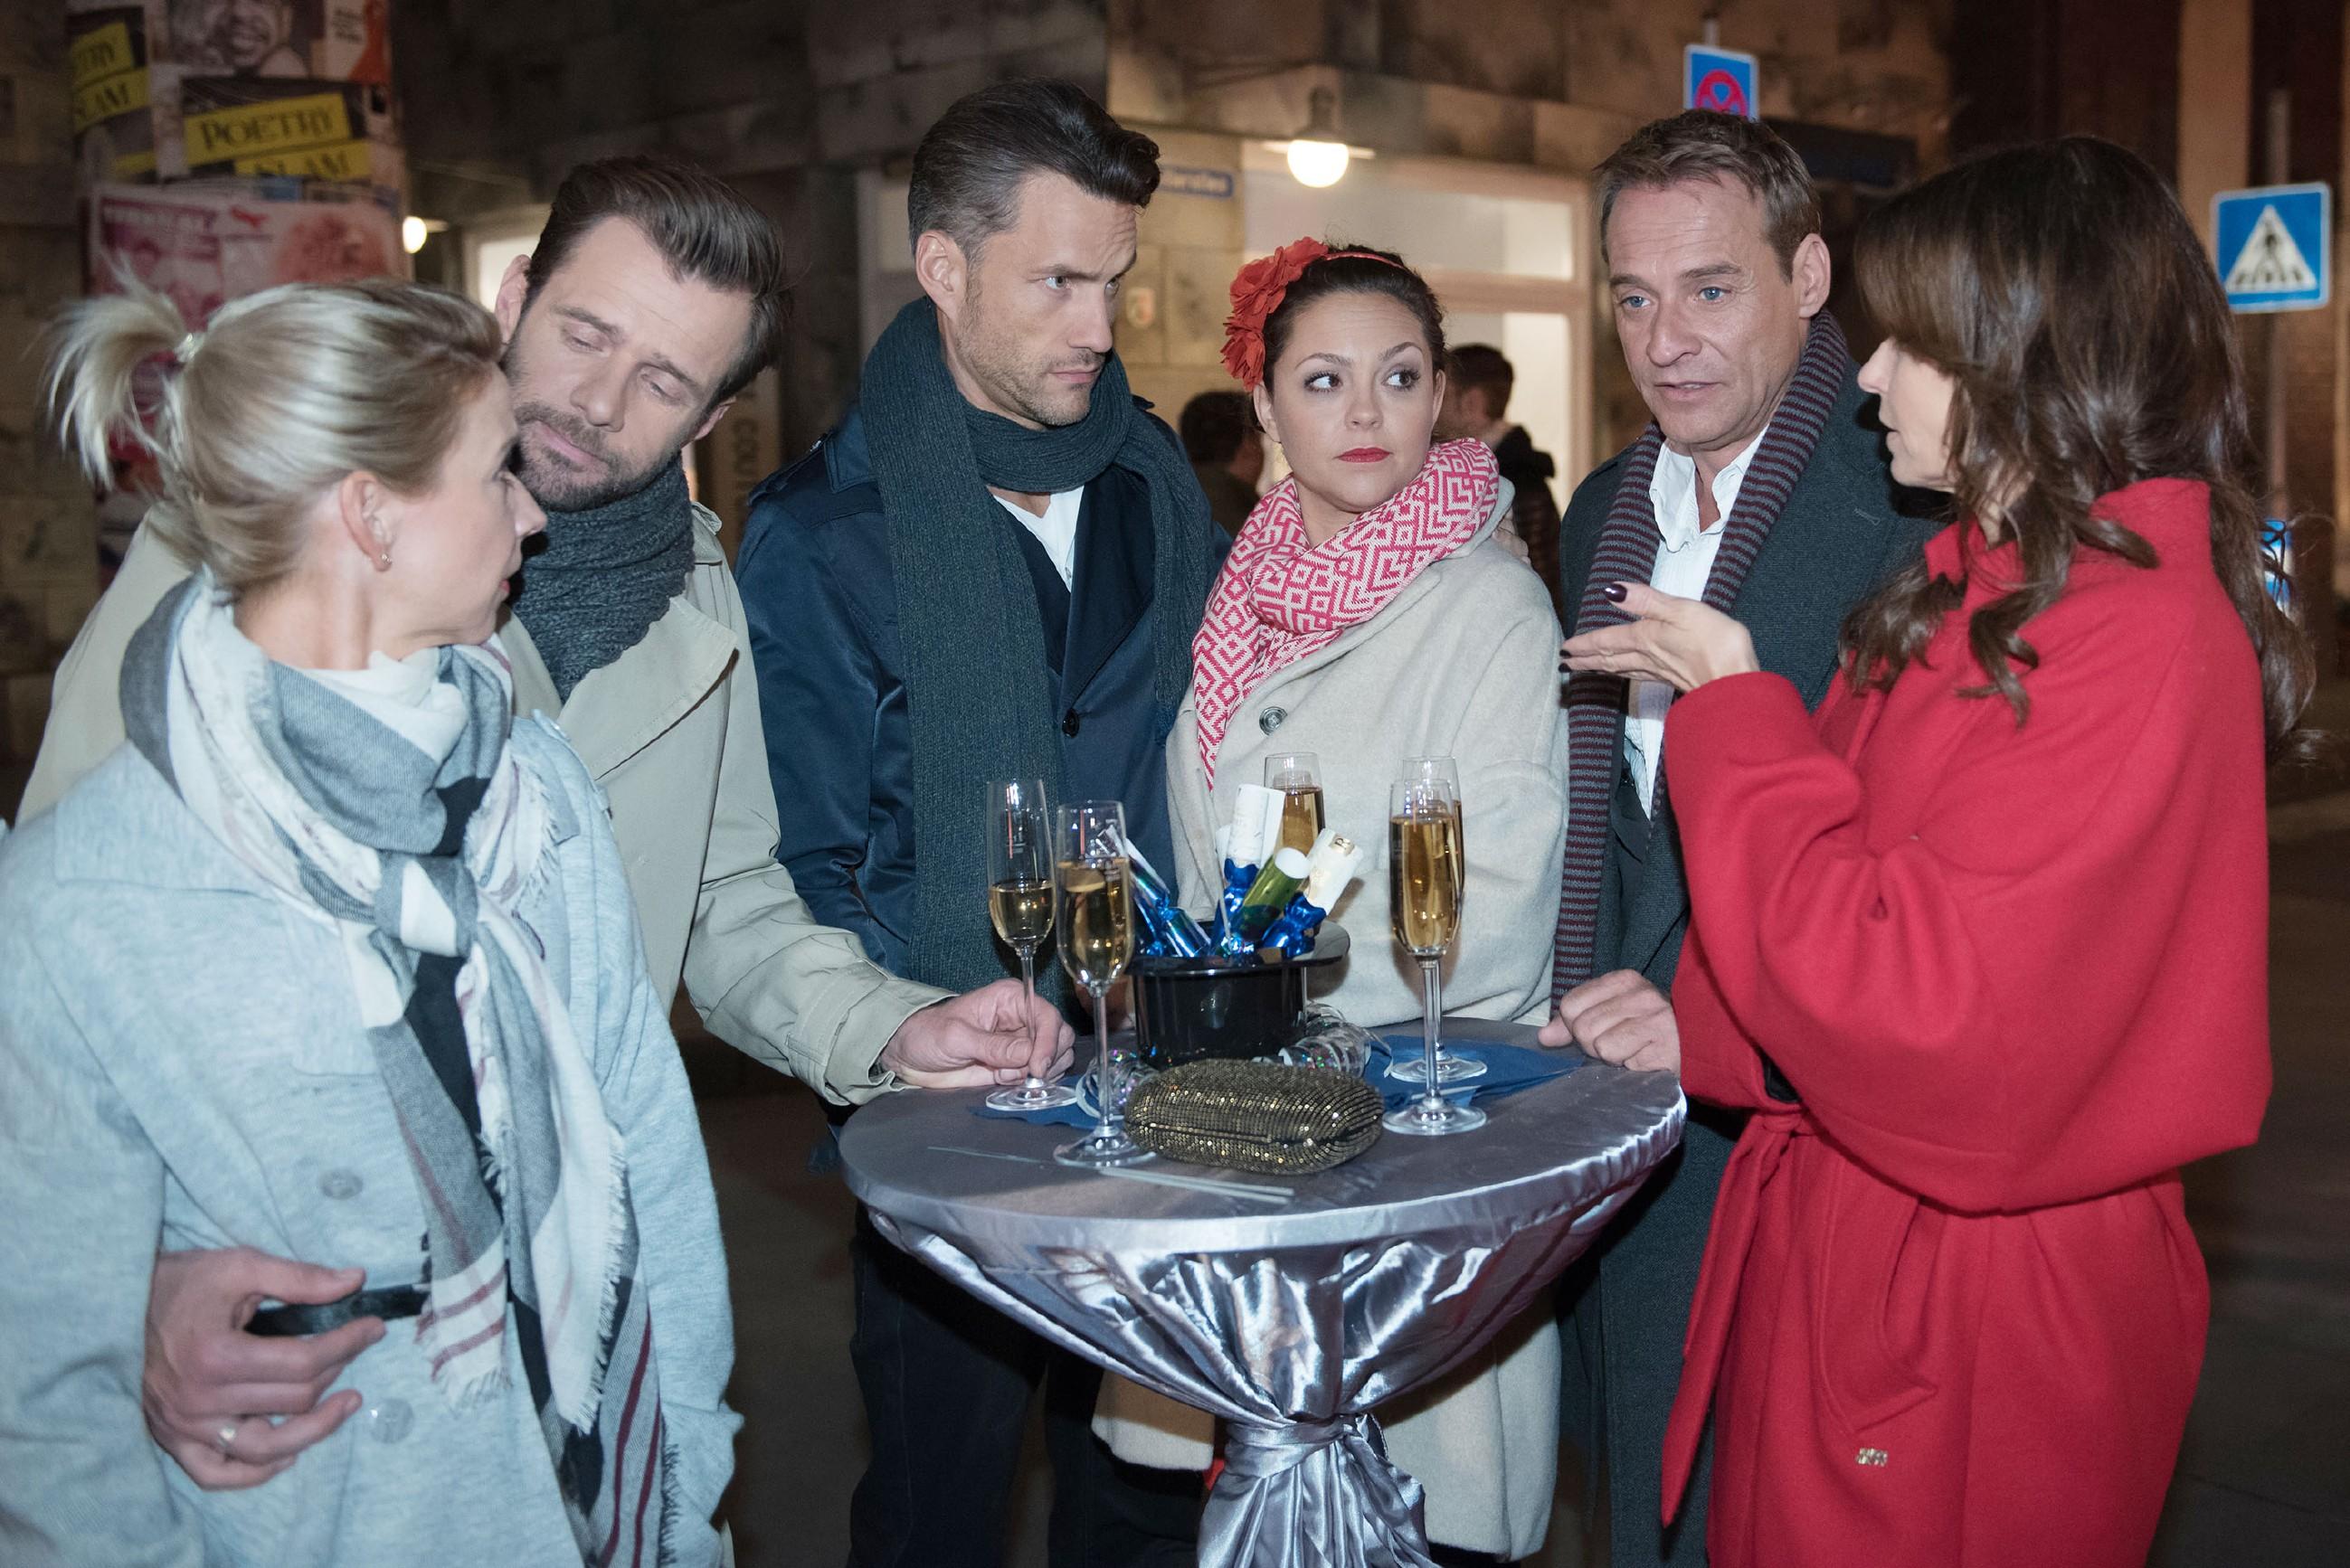 Die Bewohner der Schillerallee feiern gemeinsam ins neue Jahr, doch (v.l.) Ute (Isabell Hertel) und Henning (Benjamin Kiss) bemerken, dass zwischen Malte (Stefan Bockelmann), Caro (Ines Kurenbach), Rufus (Kai Noll) und Britta (Tabea Heynig) wegen der Schüssel weiterhin Eiszeit herrscht. (Quelle: RTL / Stefan Behrens)